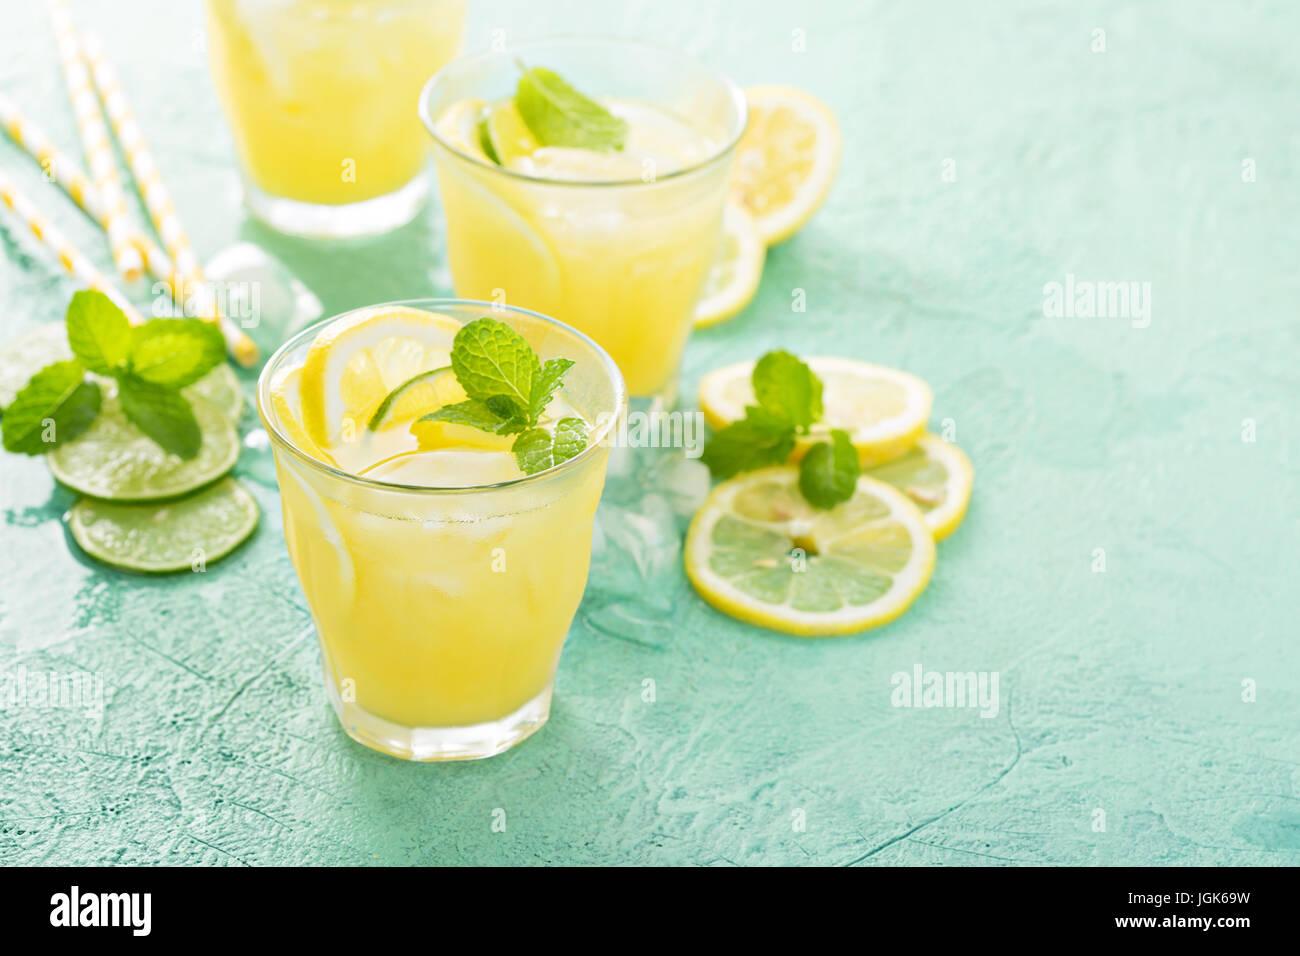 Rinfrescanti cocktail di agrumi con il limone Immagini Stock